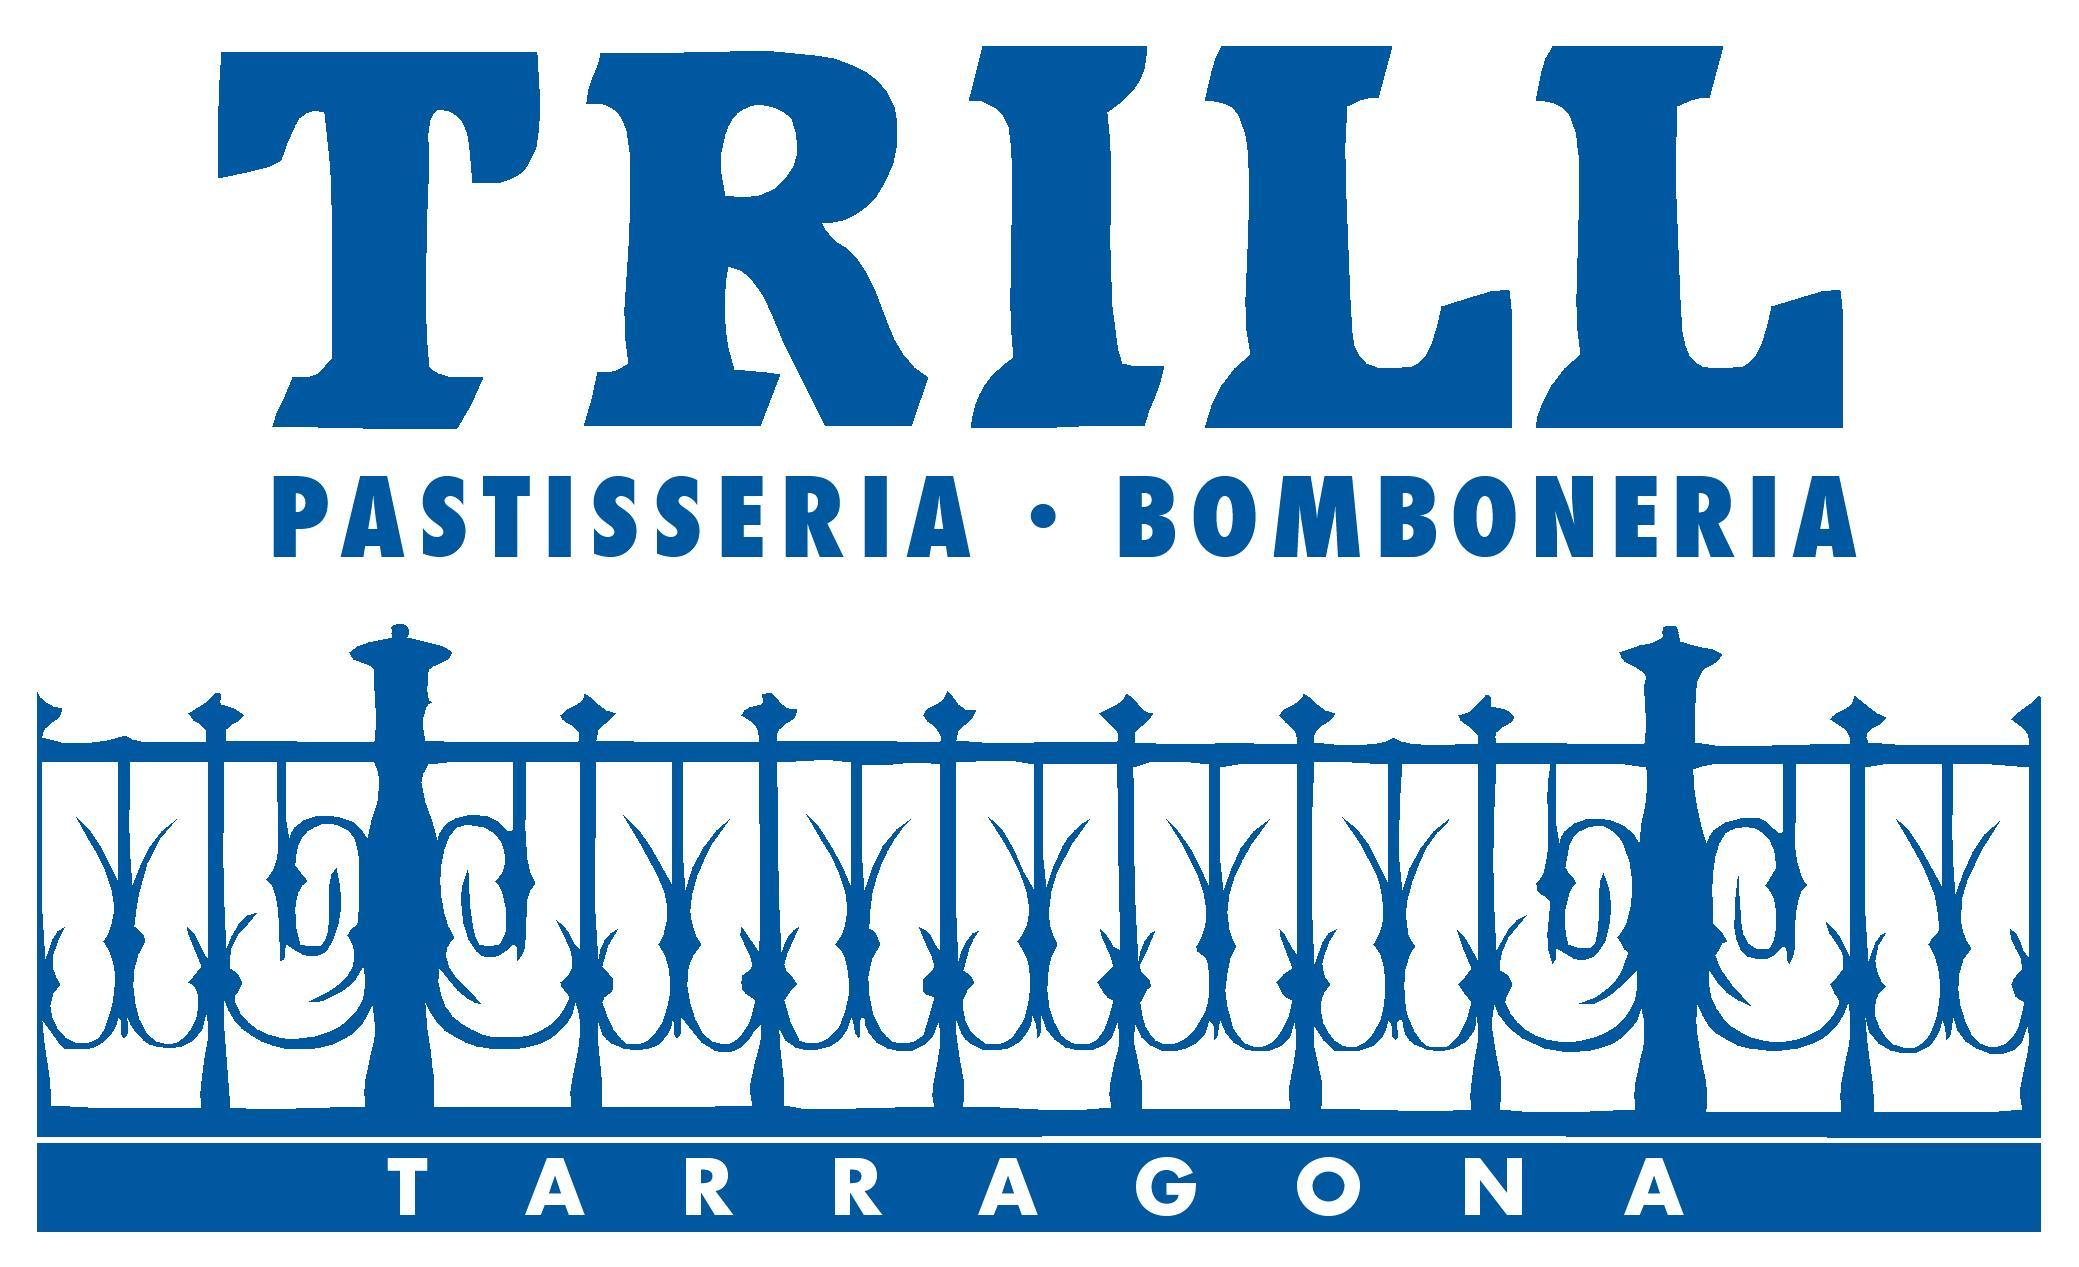 Pastisseria Bomboneria Trill